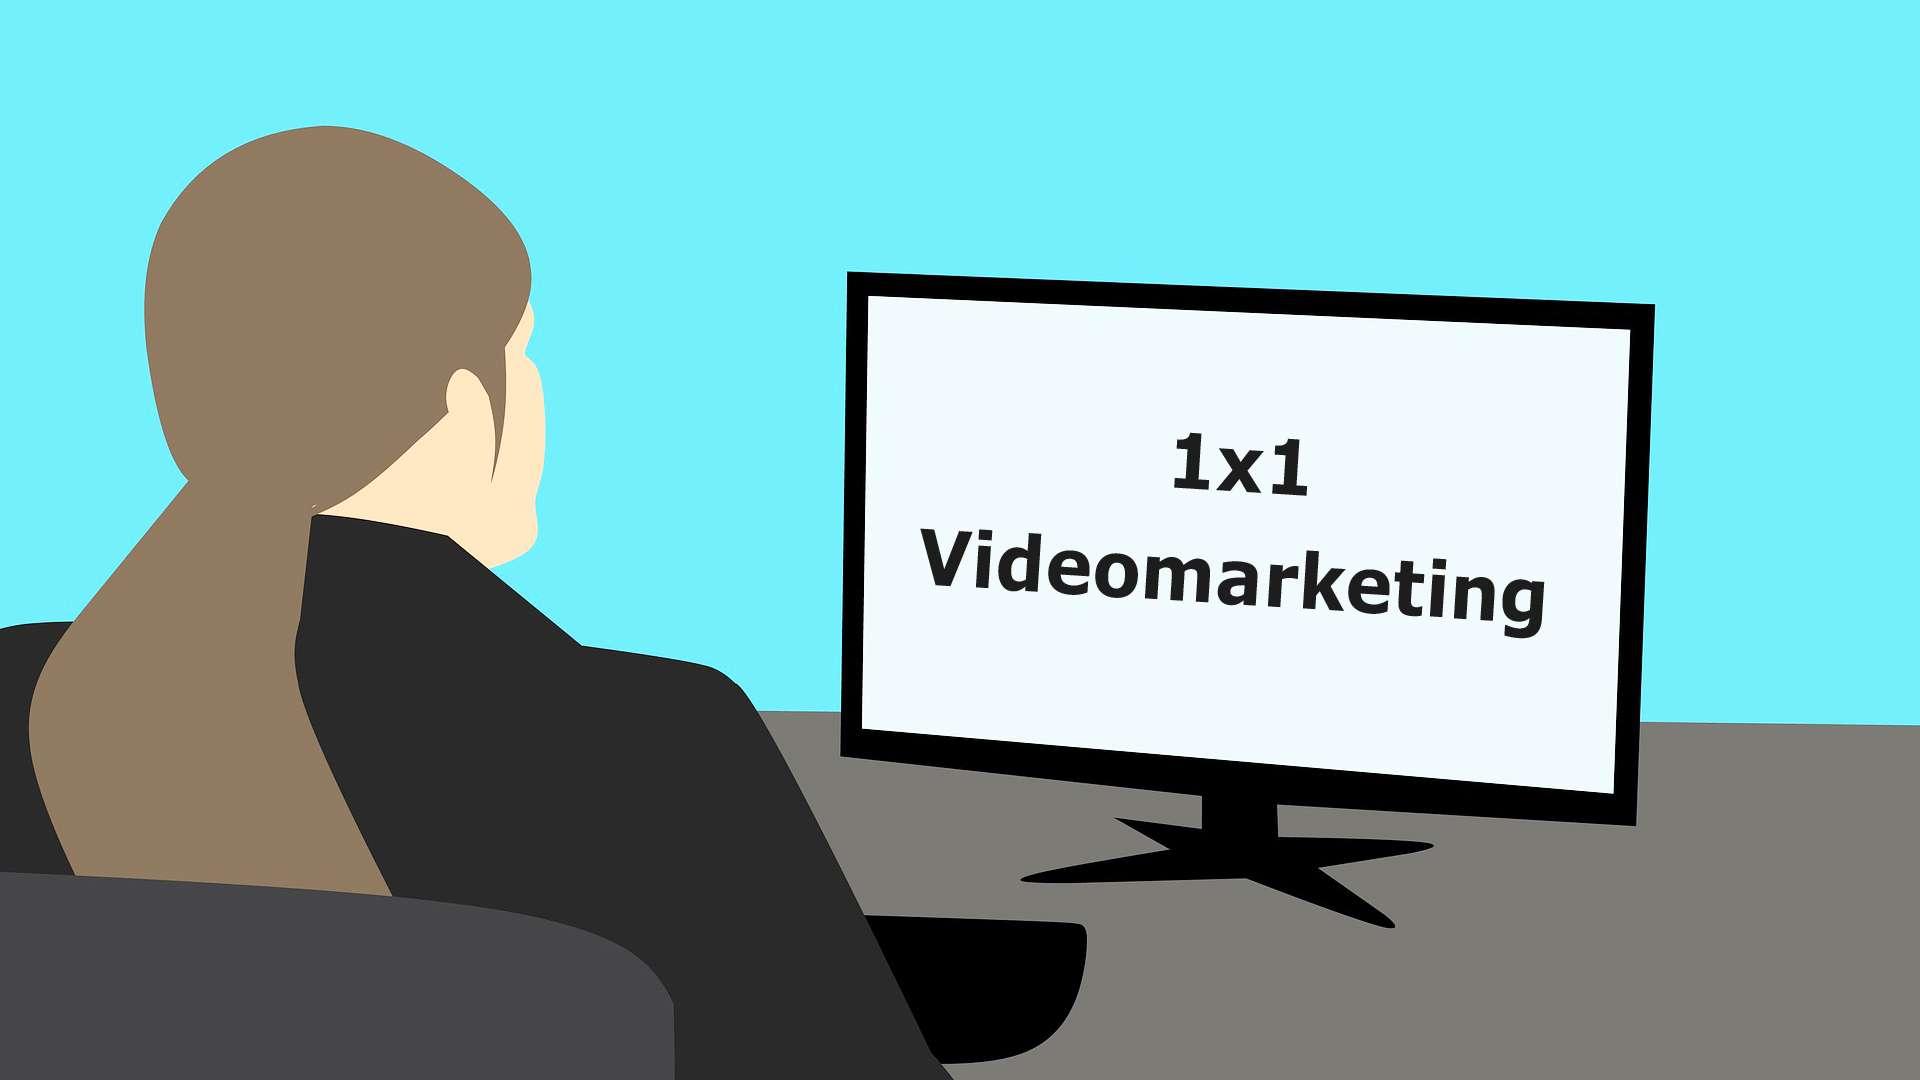 Eine animierte Frau sitzt an einem Computer auf dem 1x1 Videomarketing steht